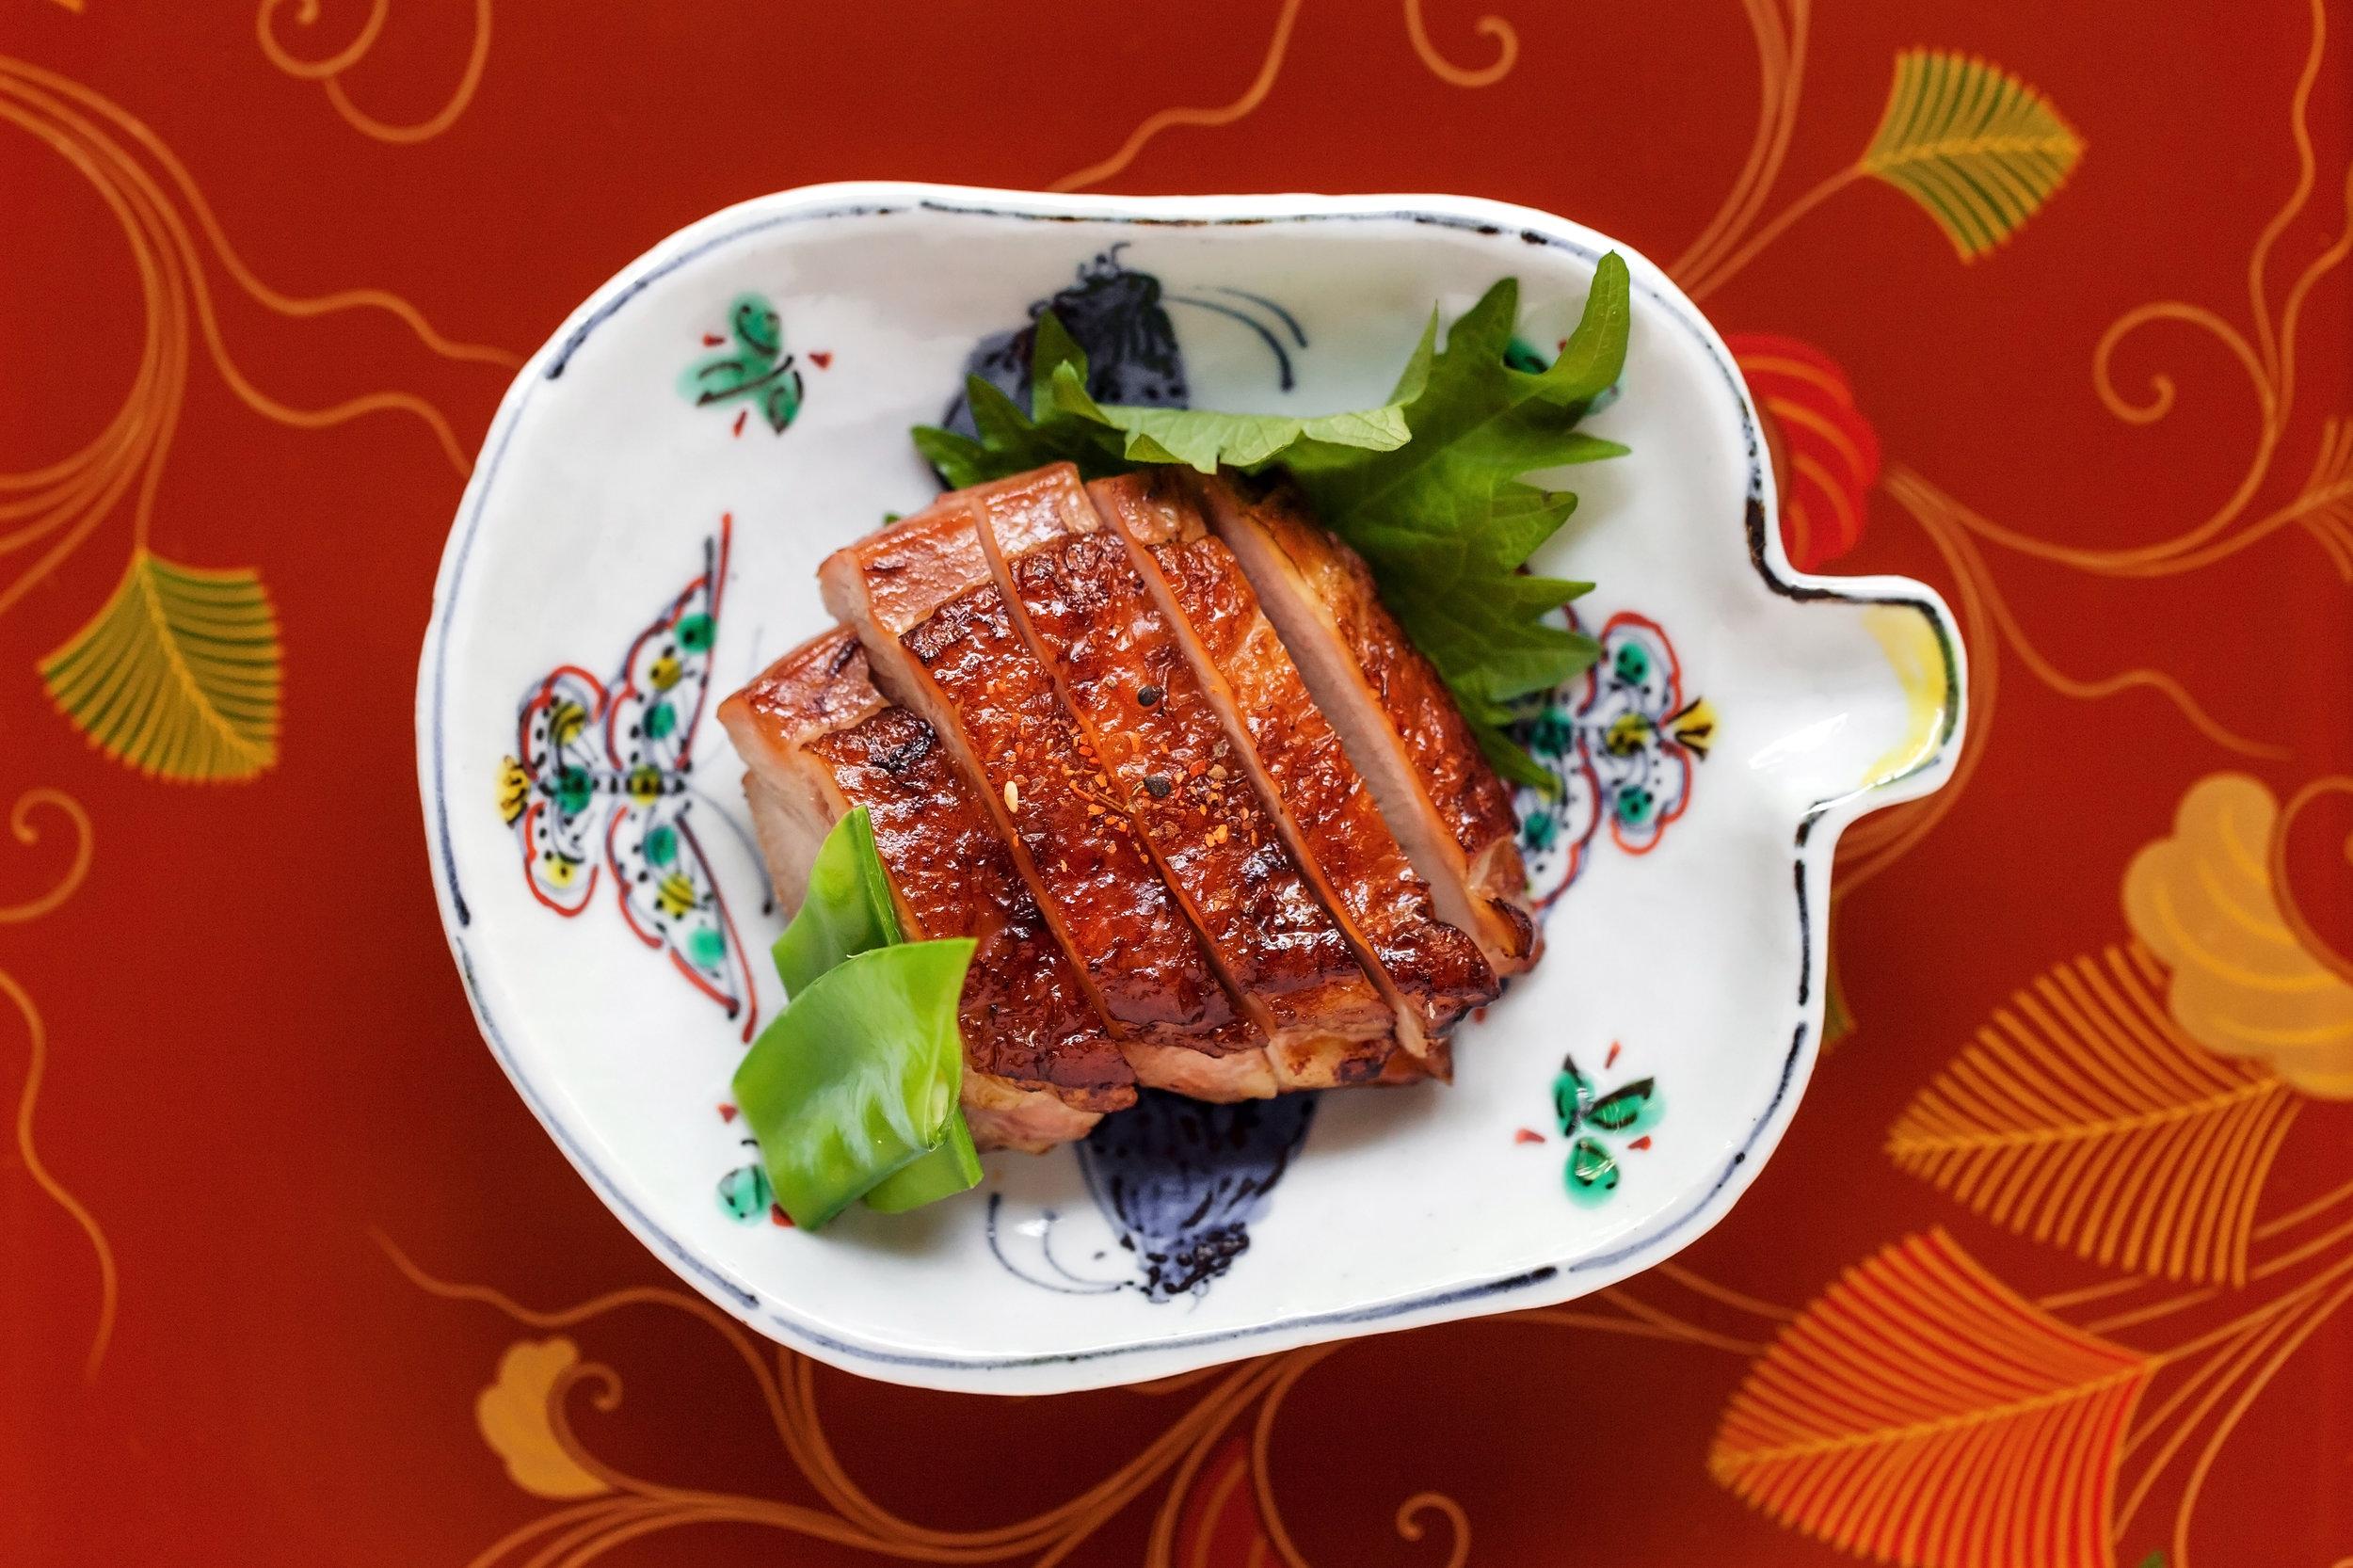 森山家照燒雞腿 軟嫩多汁的雞腿,搭配微甜不膩的醬汁,以紫蘇葉包捲起來入口,獨特馨香穿透人心。